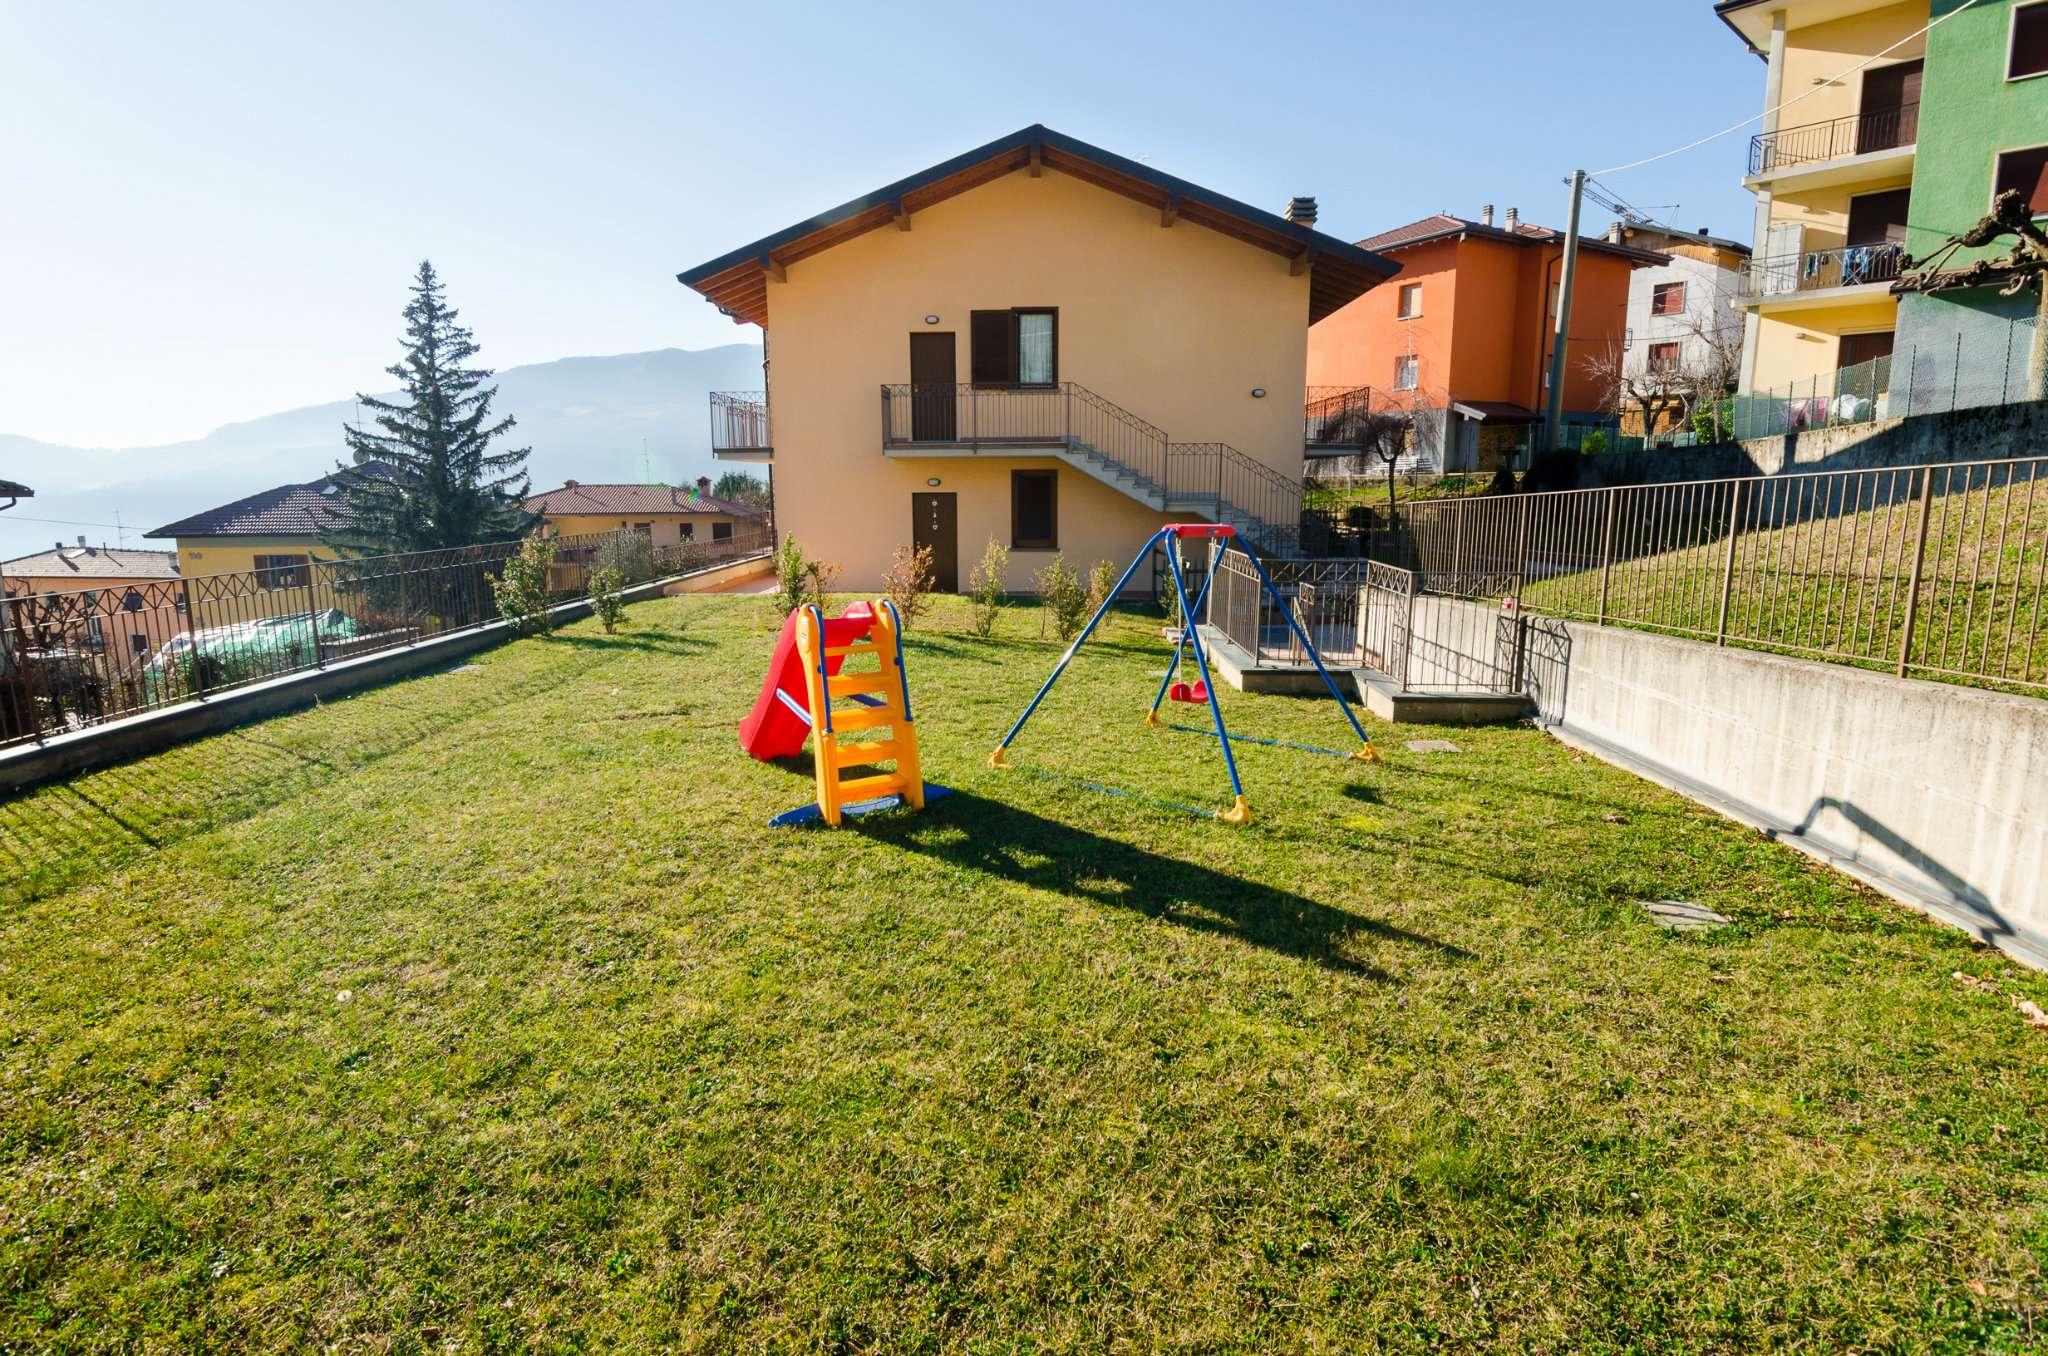 Appartamento in vendita a Berbenno, 3 locali, prezzo € 125.000 | PortaleAgenzieImmobiliari.it